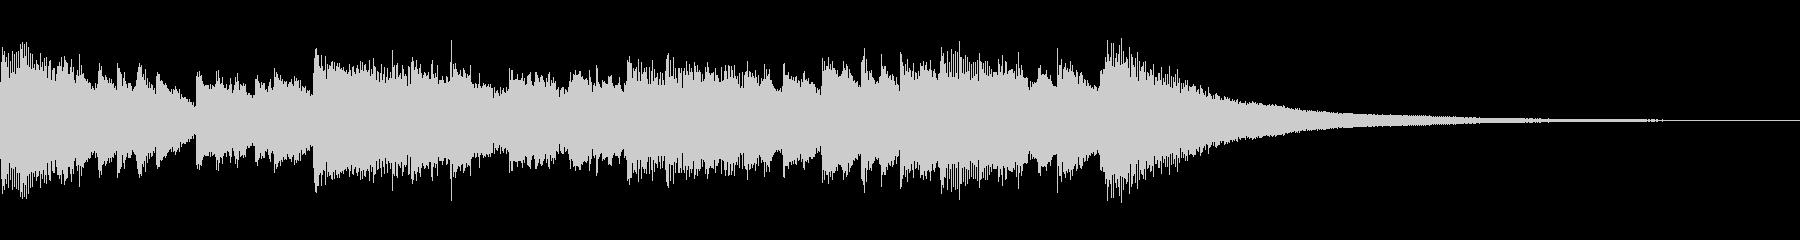 ハープシコード クラシカル マイナーの未再生の波形